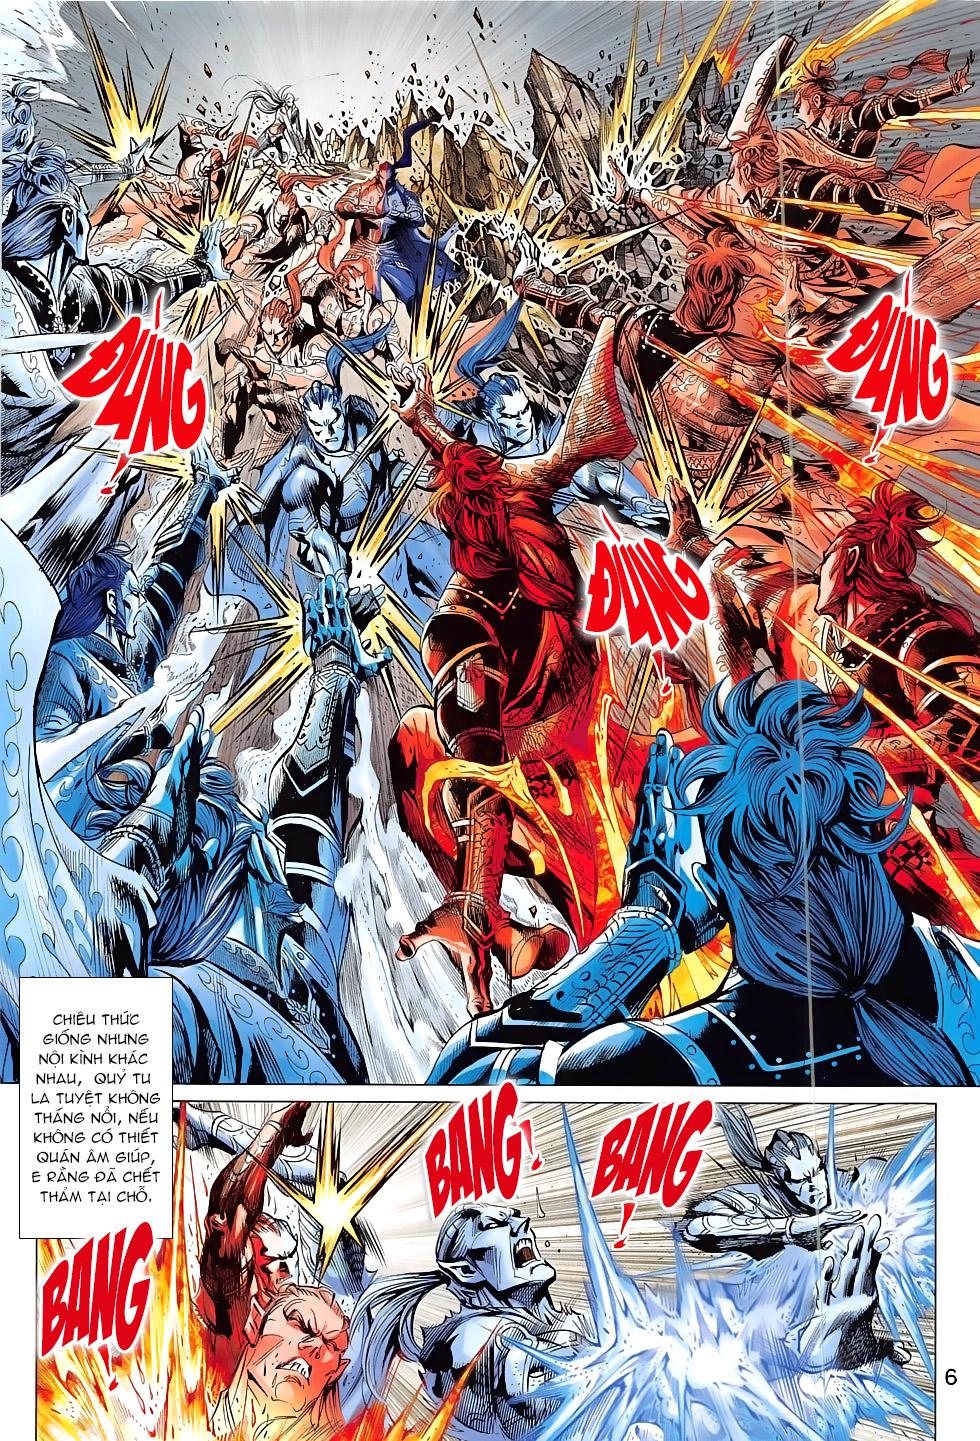 Thần Chưởng trang 6